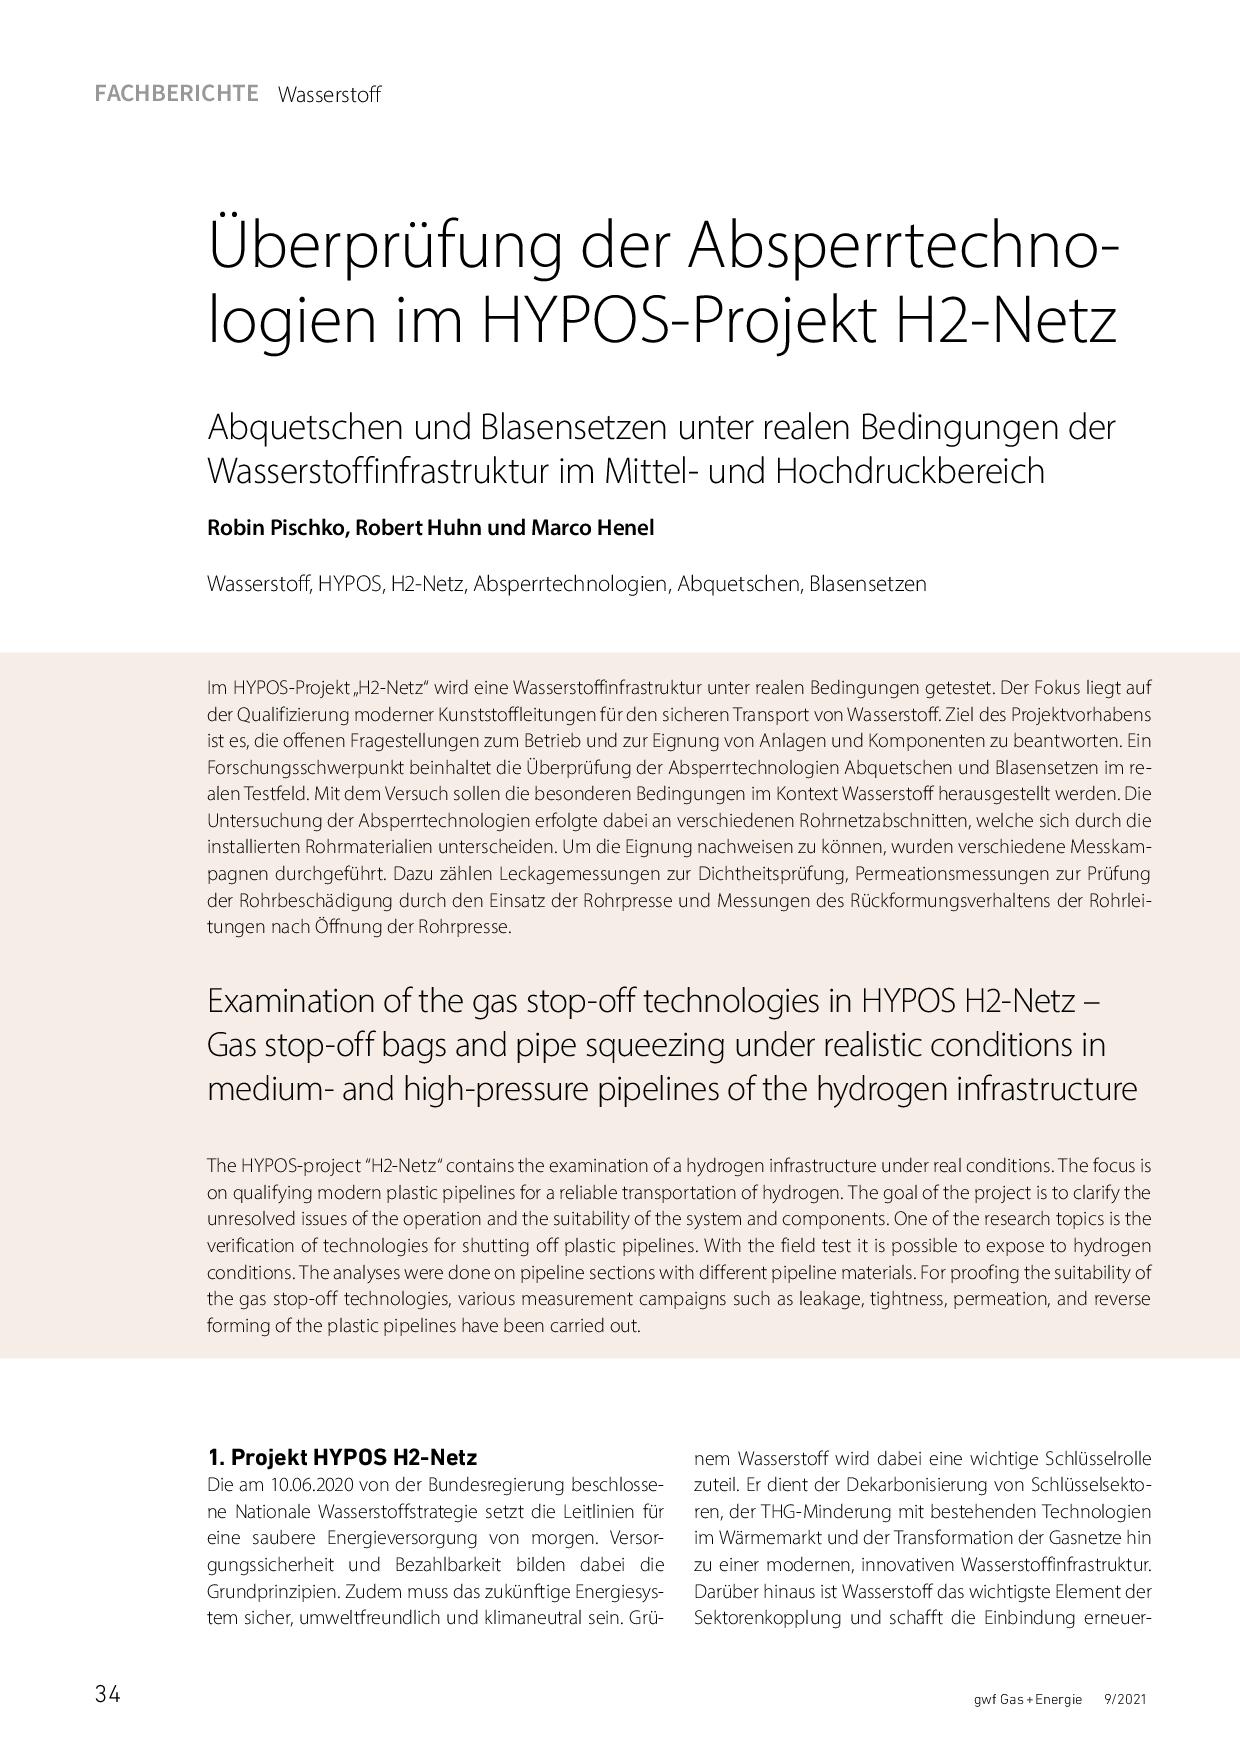 Überprüfung der Absperrtechnologien im HYPOS-Projekt H2-Netz